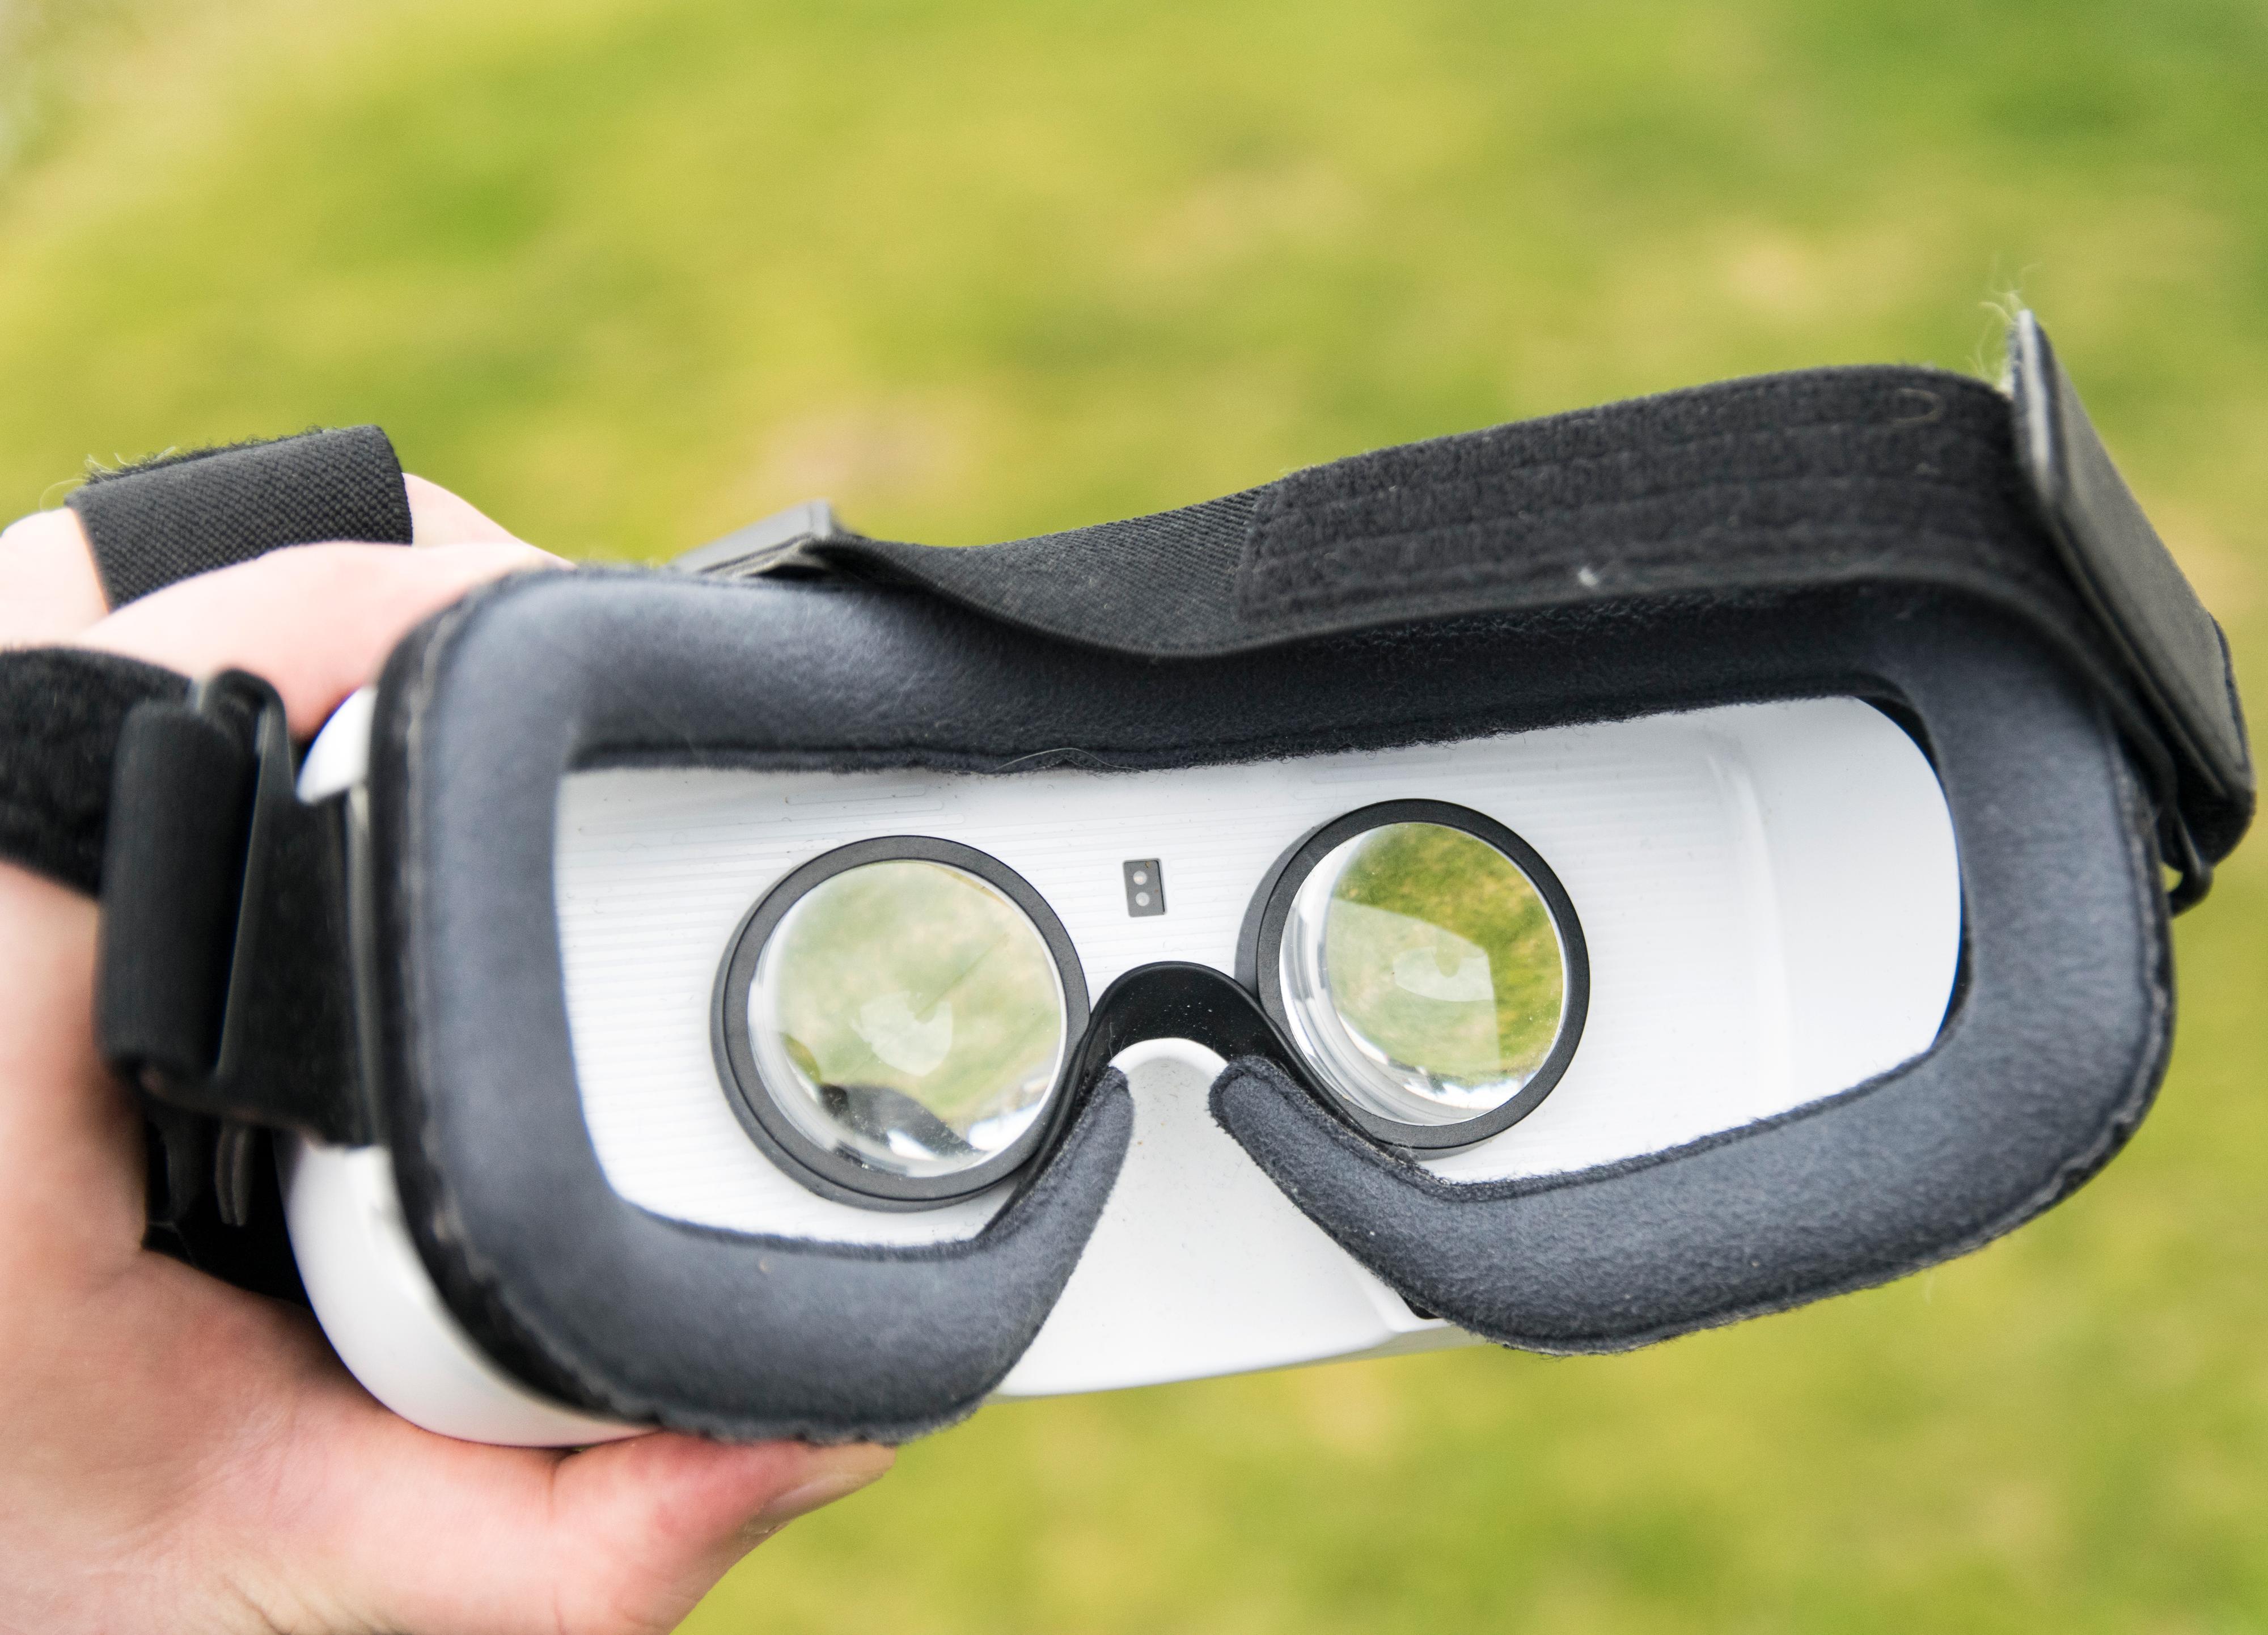 Forrige generasjon Gear VR hadde hvit farge på innsiden. Akkurat hvorfor Samsung ikke valgte å gjøre den mørk er uvisst. Hvitt reflekterer lys, og til tider kunne man se maskens konturer fra innsiden. Da ble magien fort brutt.